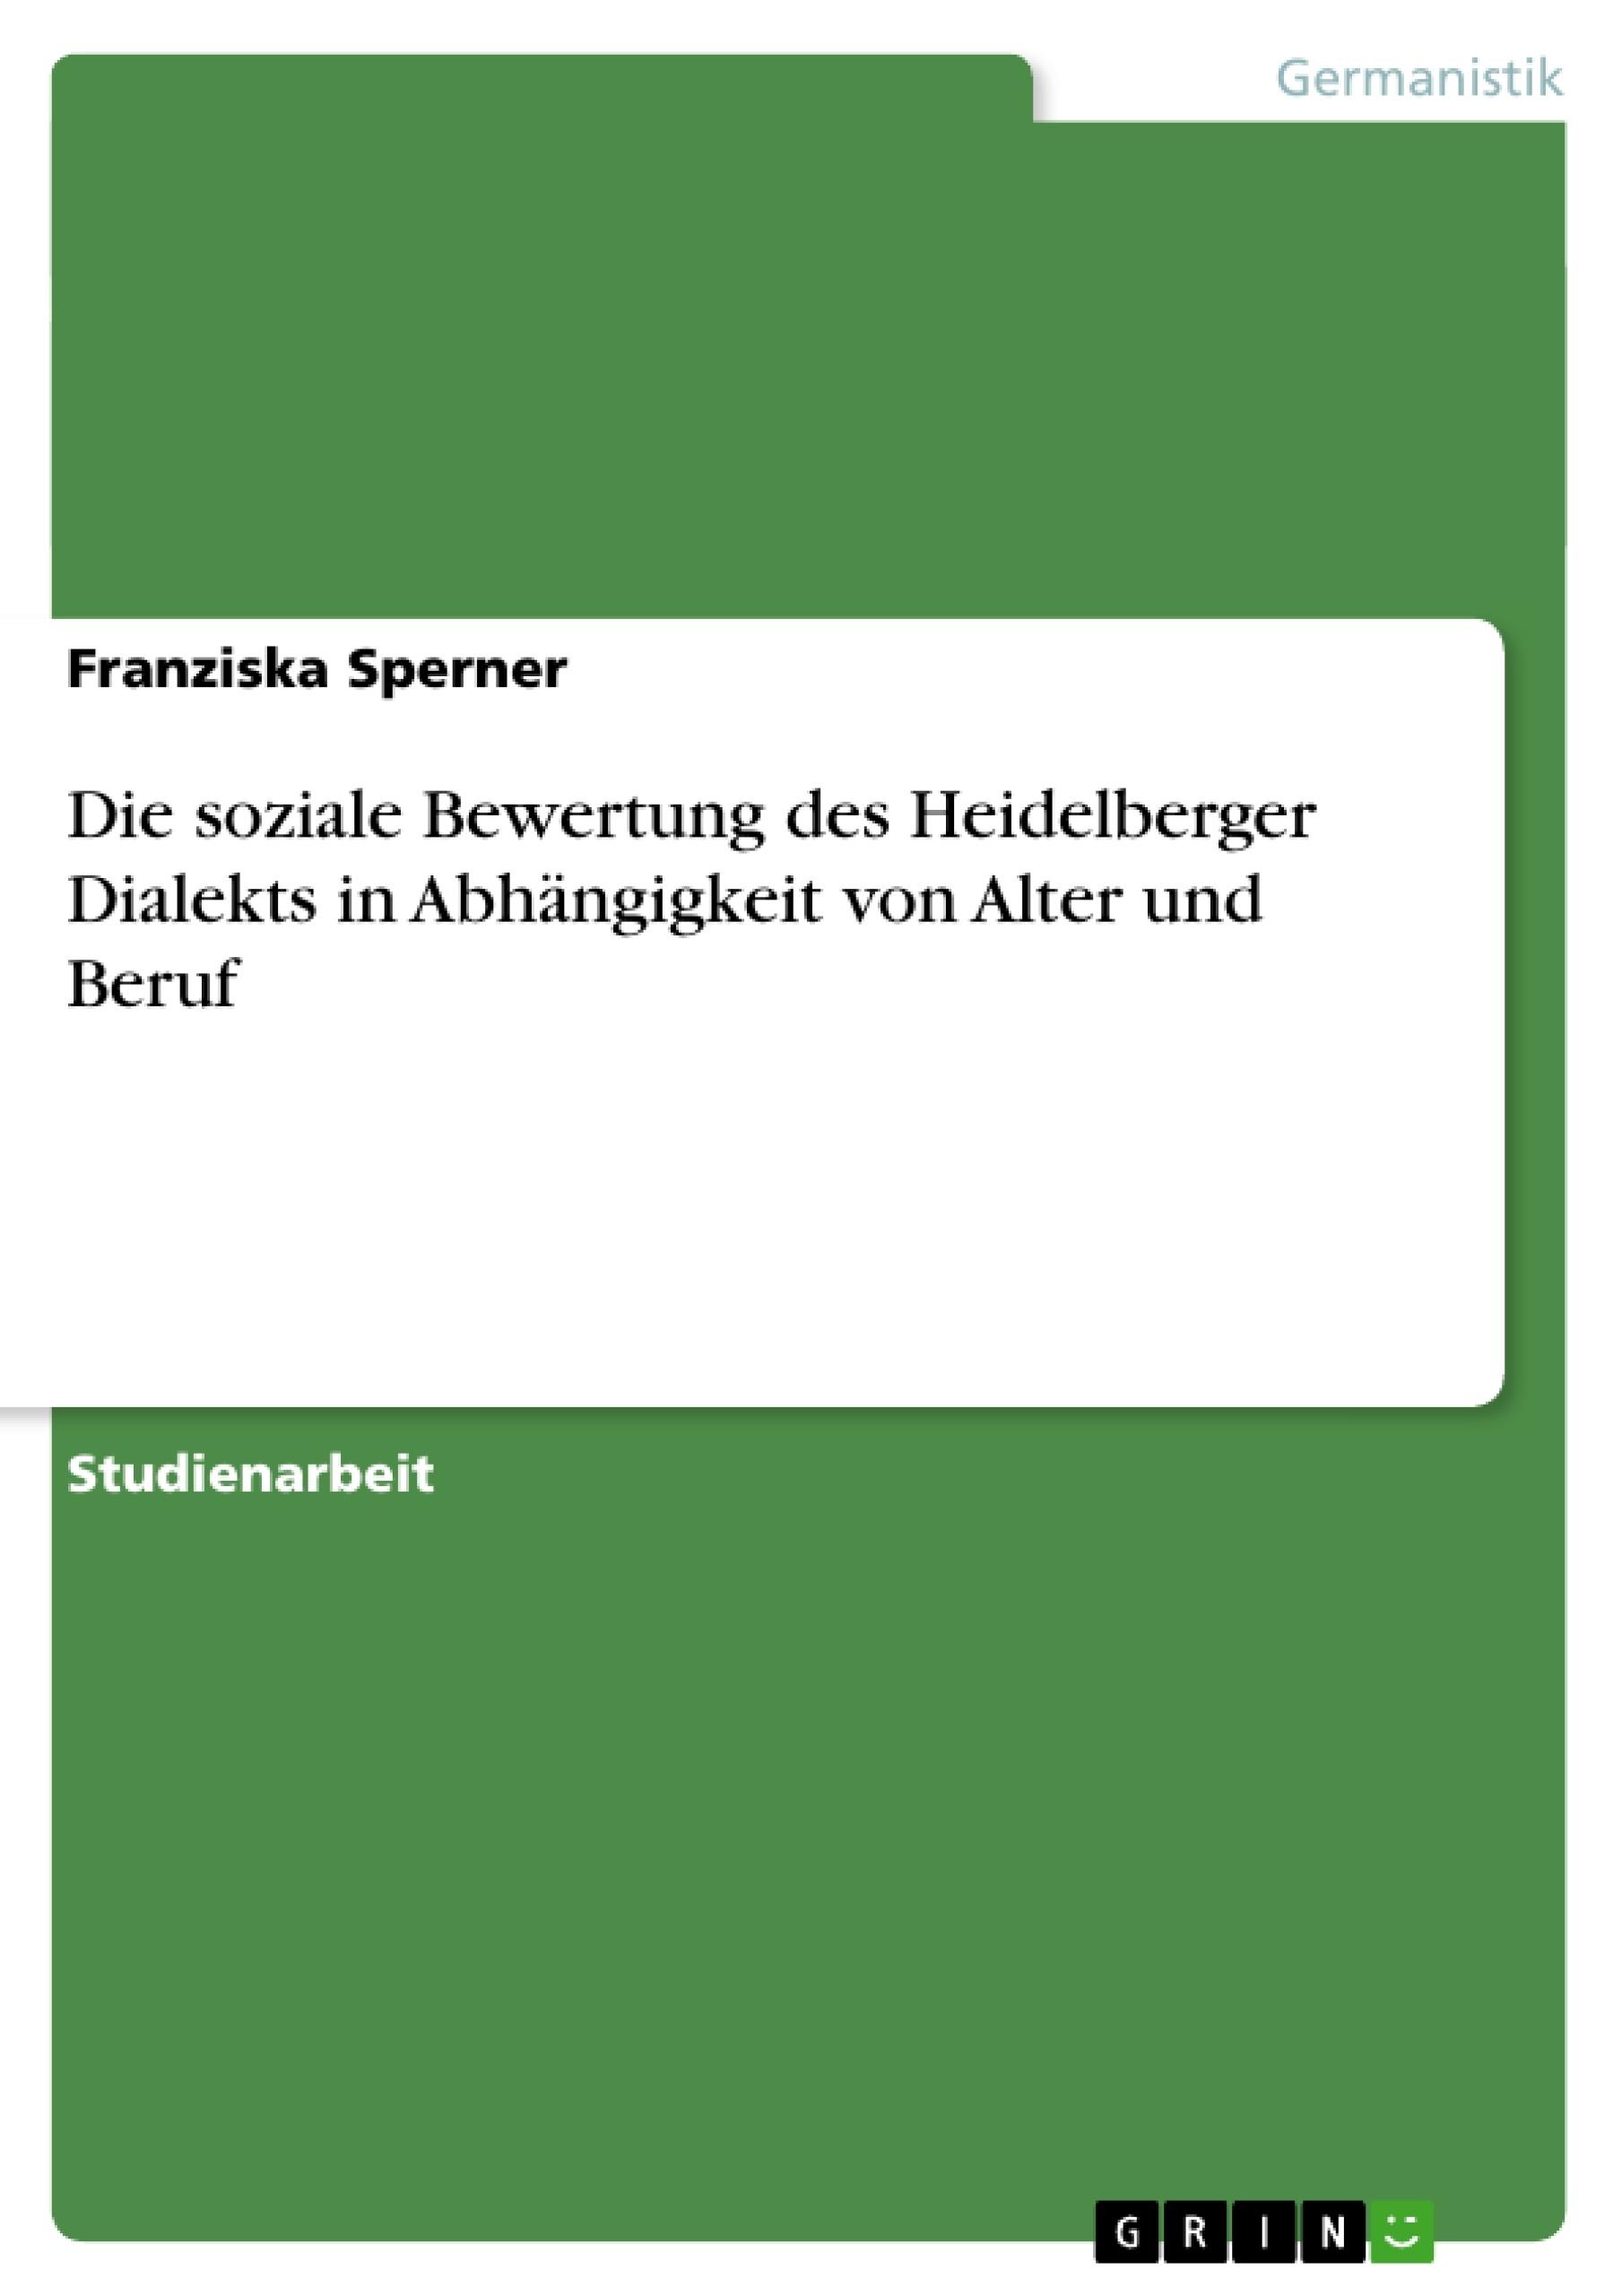 Titel: Die soziale Bewertung des Heidelberger Dialekts in Abhängigkeit von Alter und Beruf